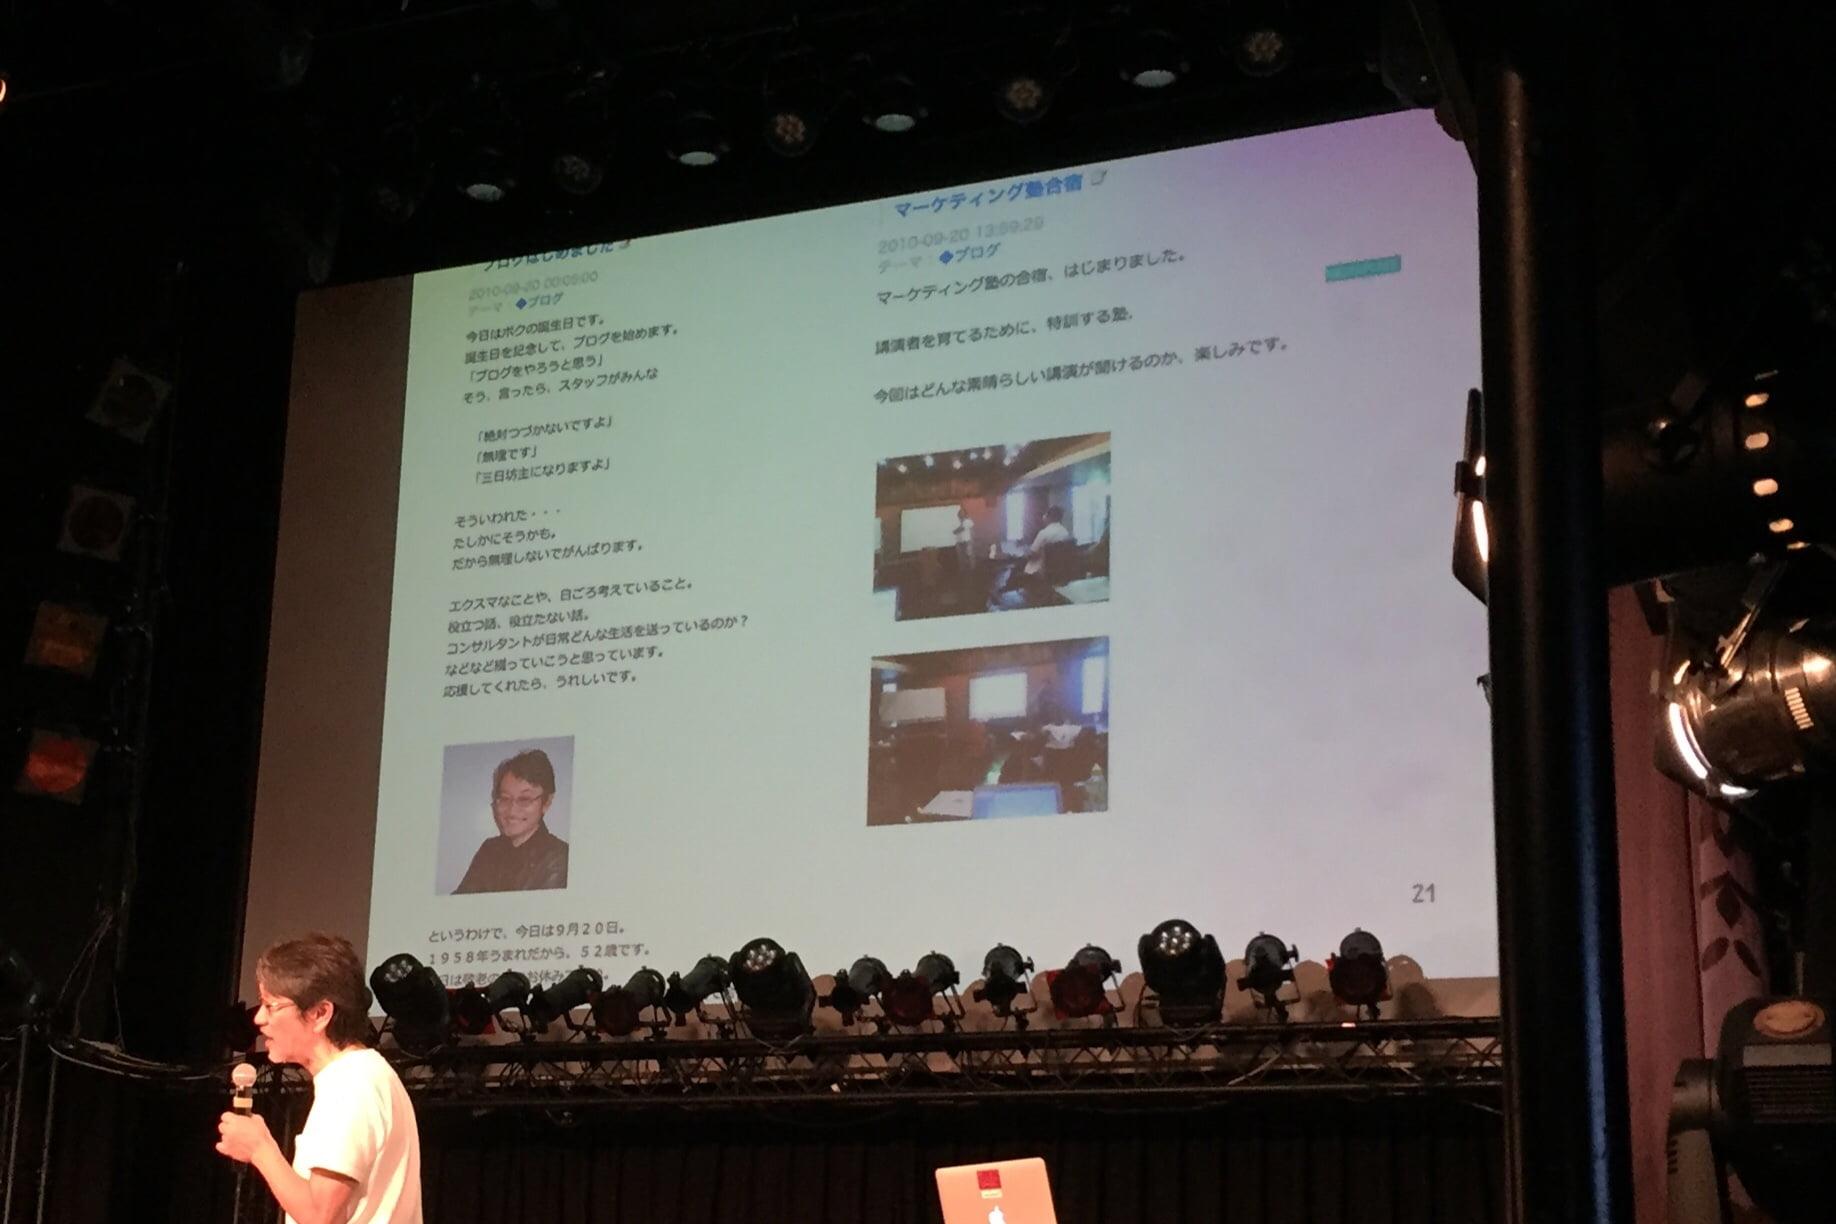 藤村正宏氏の昔のブログのスライドを見て